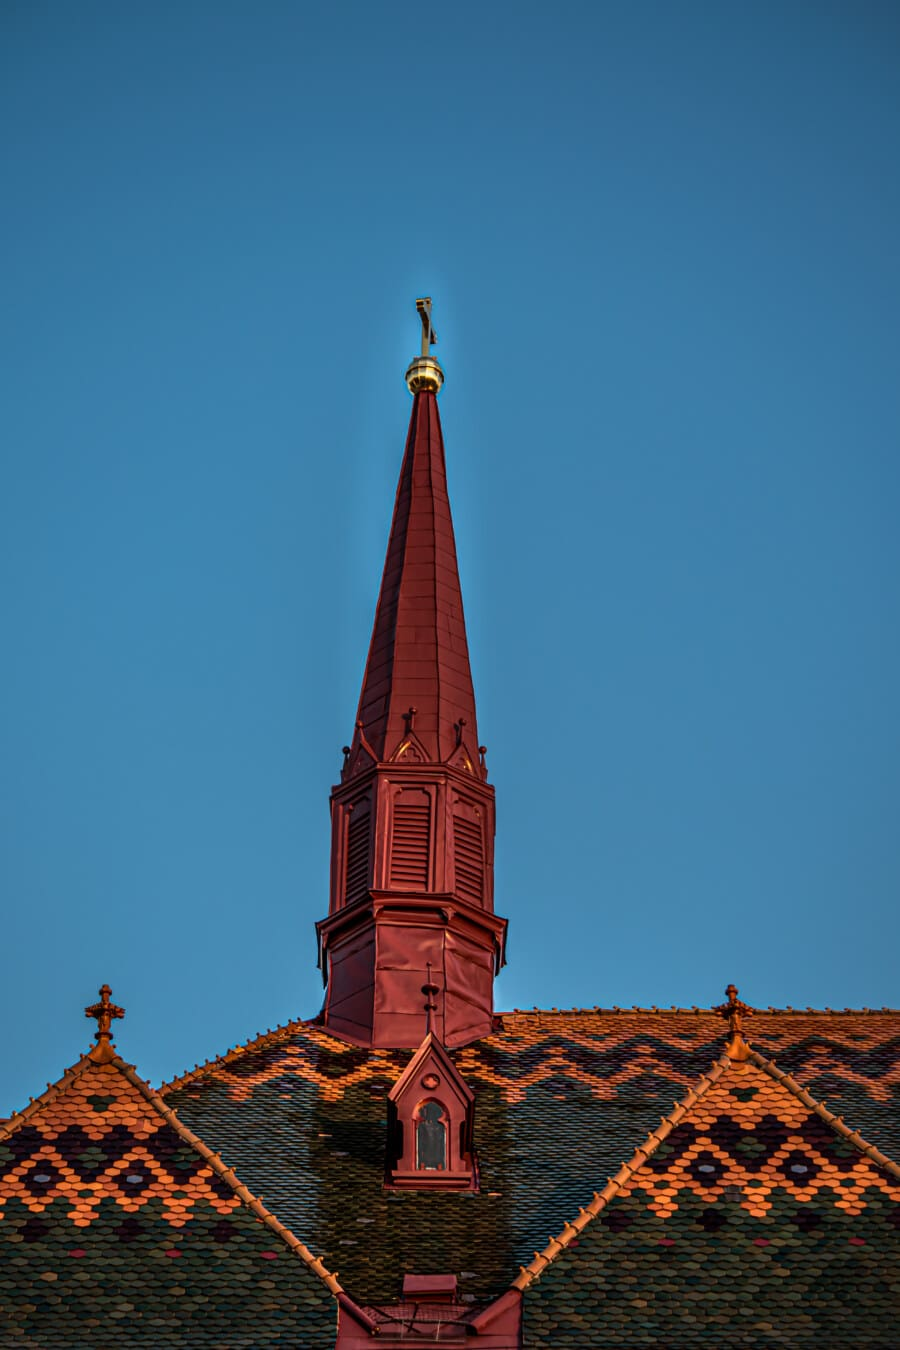 Stil, gotisch, Kirchturm, dunkelrot, Kreuz, goldener Glanz, Kirche, Architektur, Religion, Gebäude